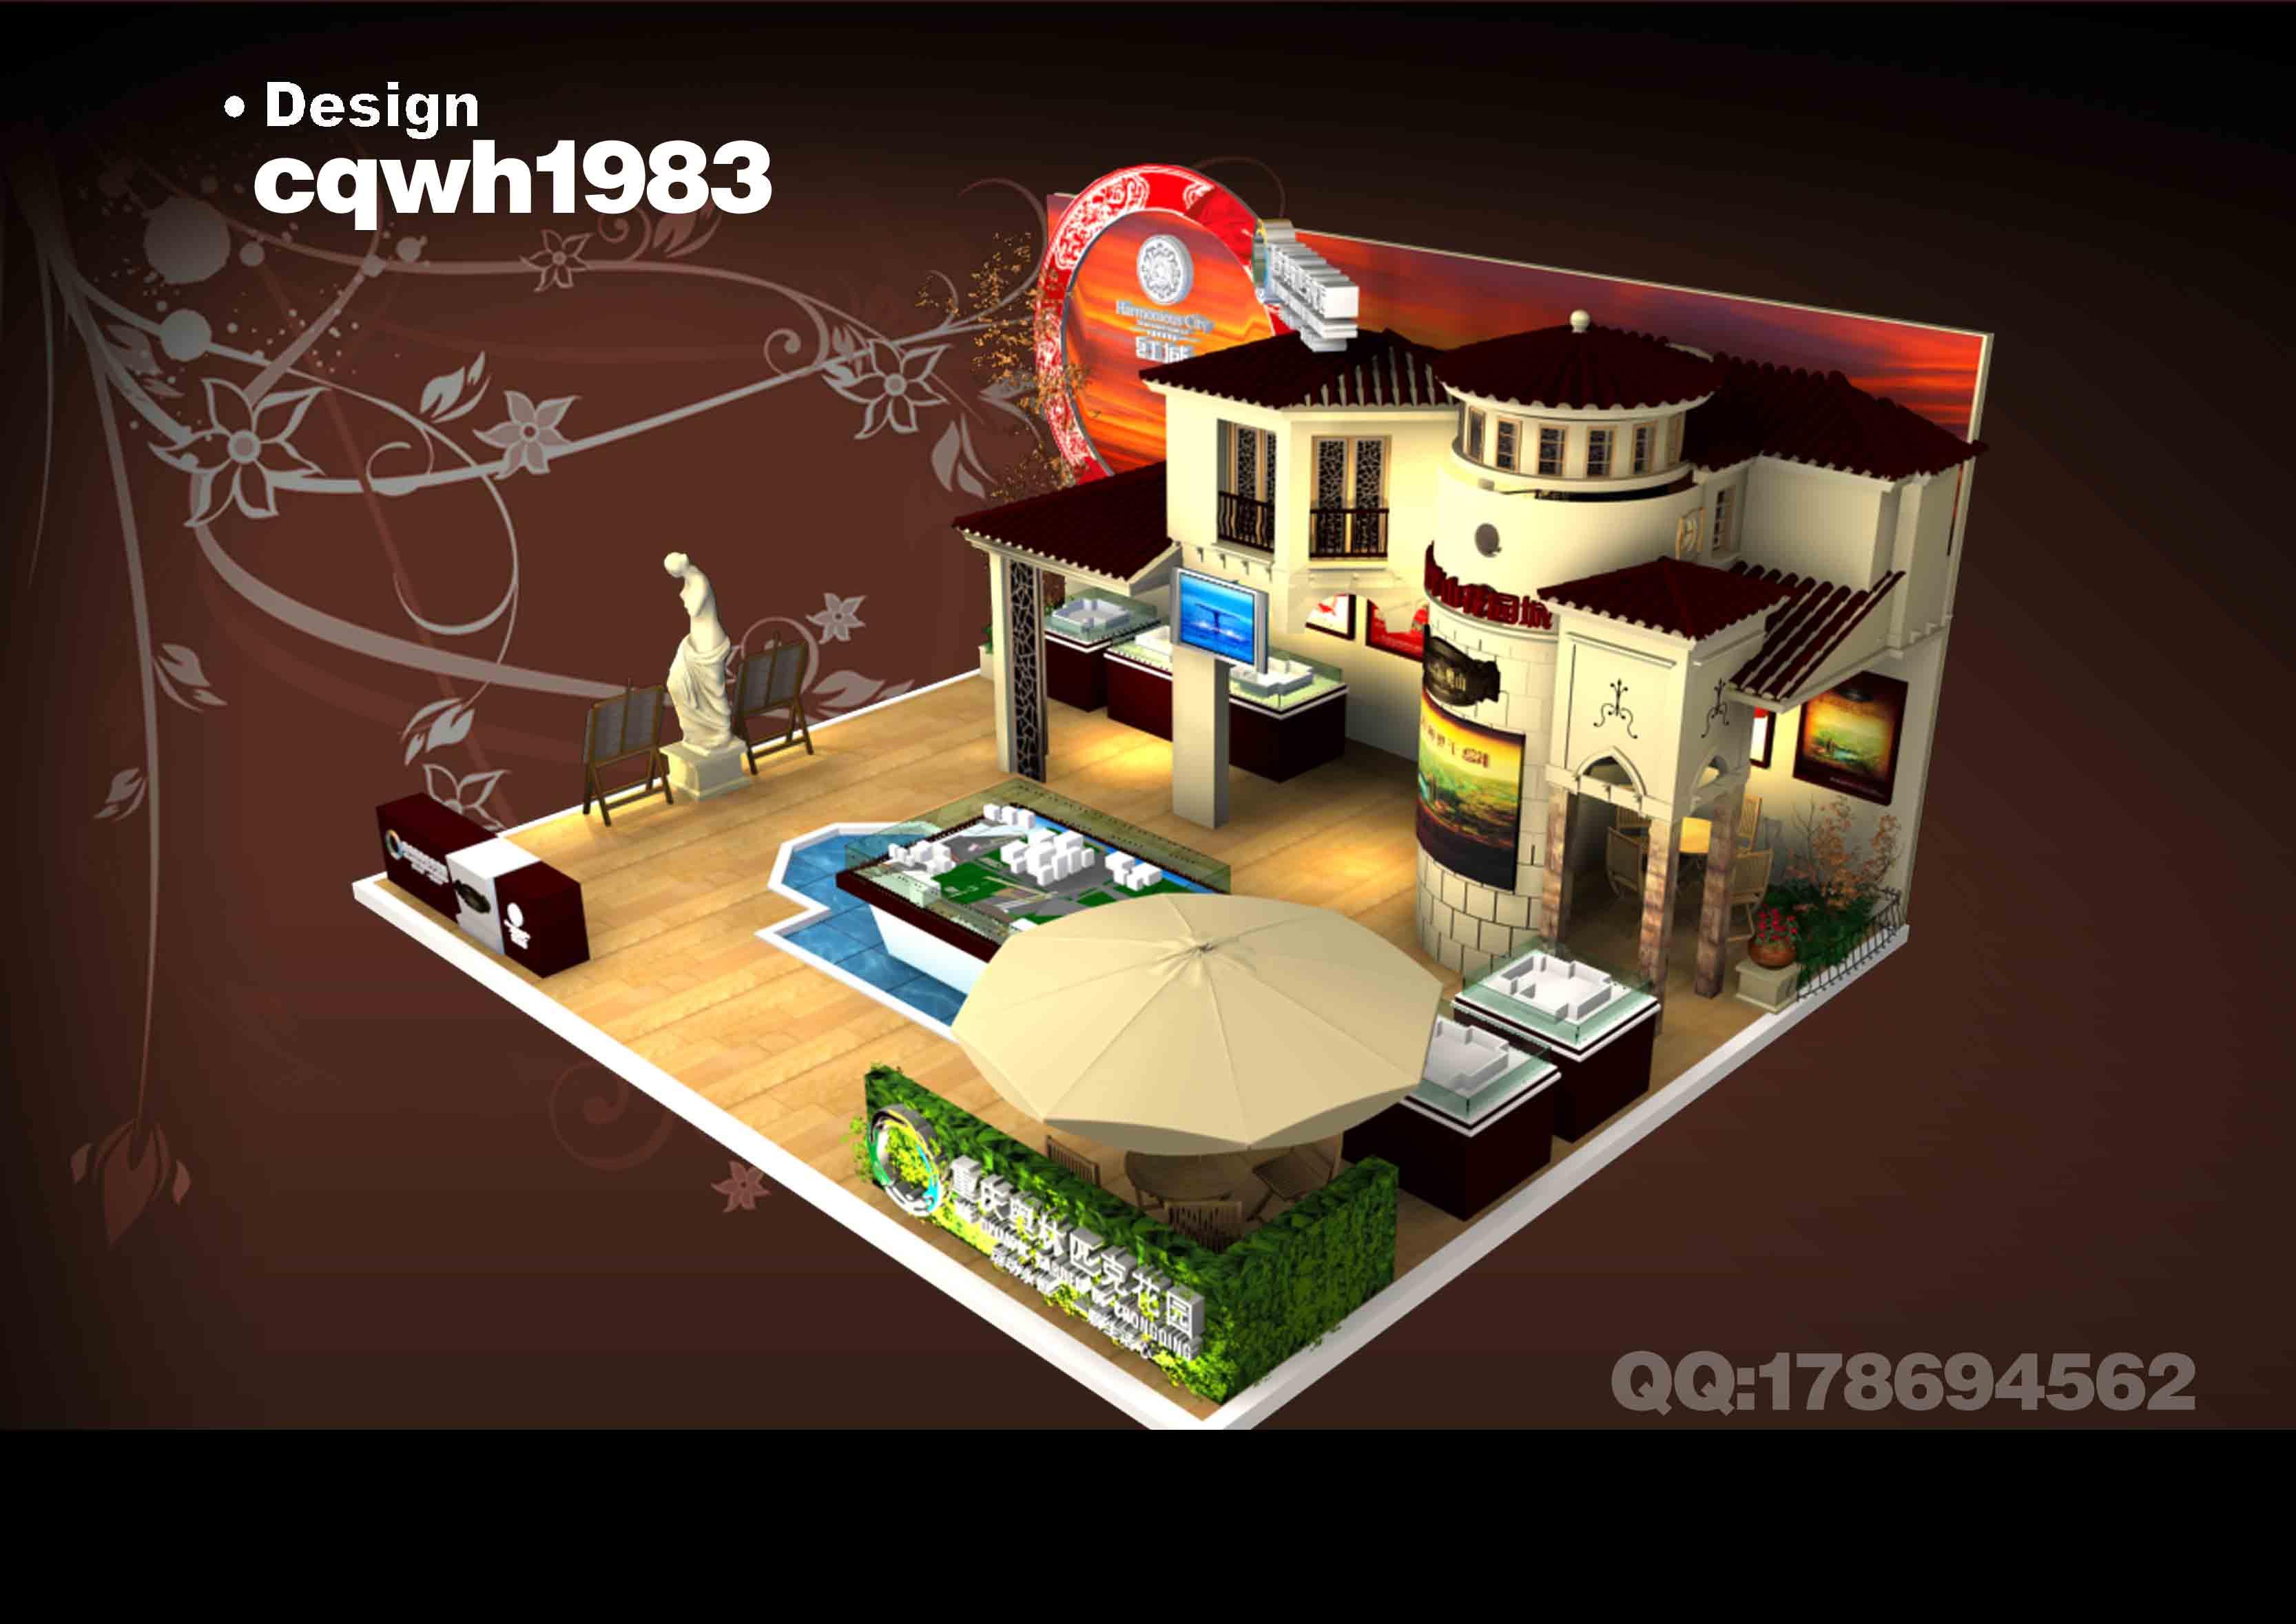 单体模型展示区展台展位设计搭建制作效果图欣赏